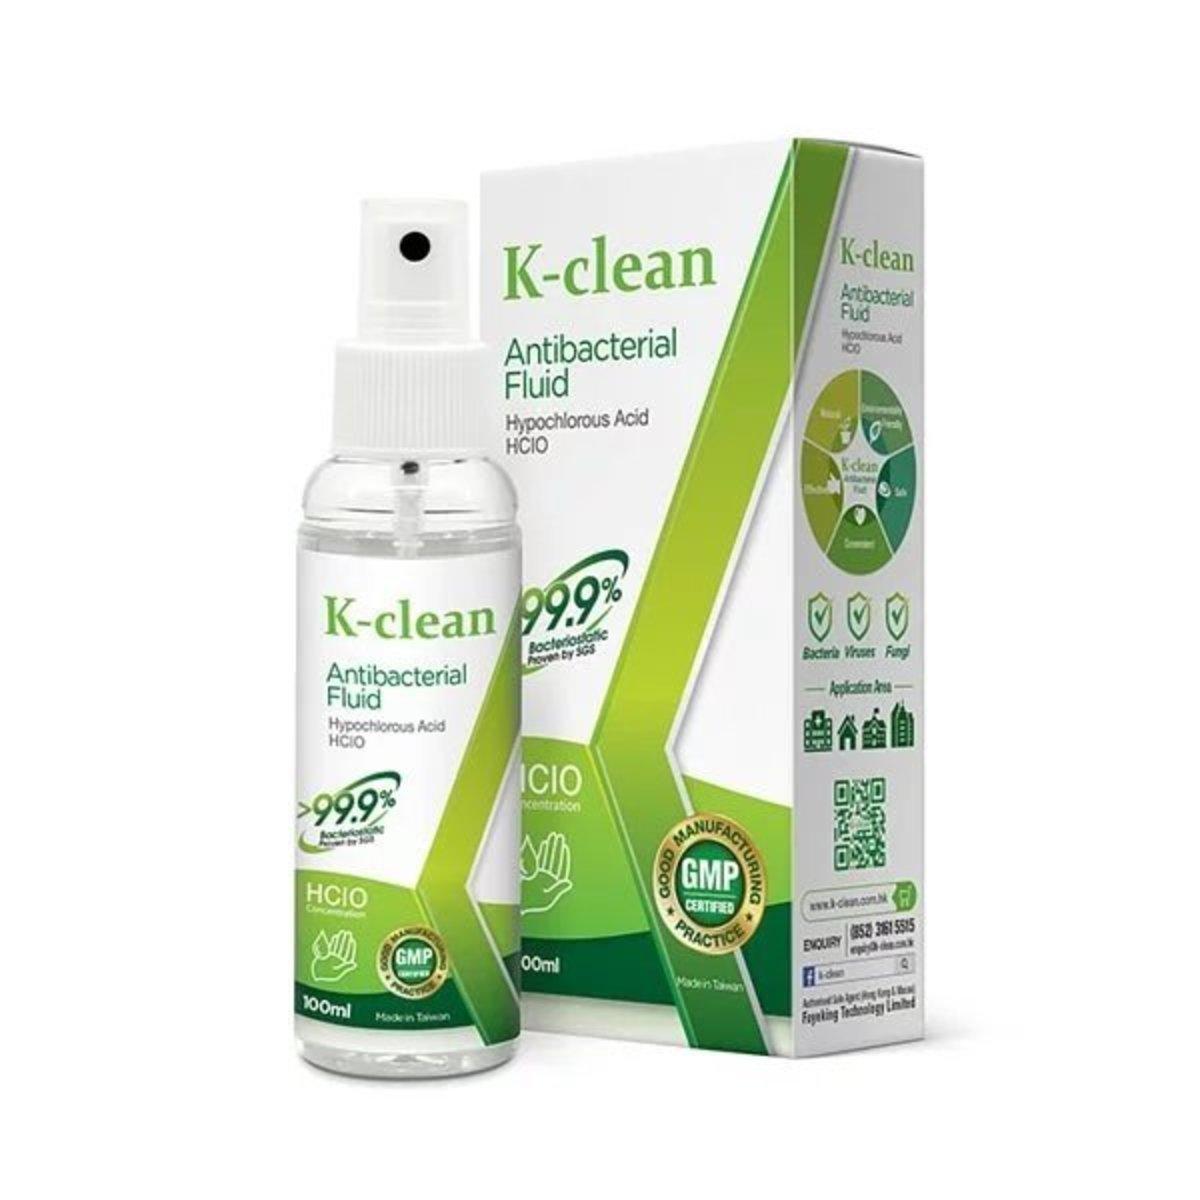 K-clean Antibacterial Fluid [100ml]